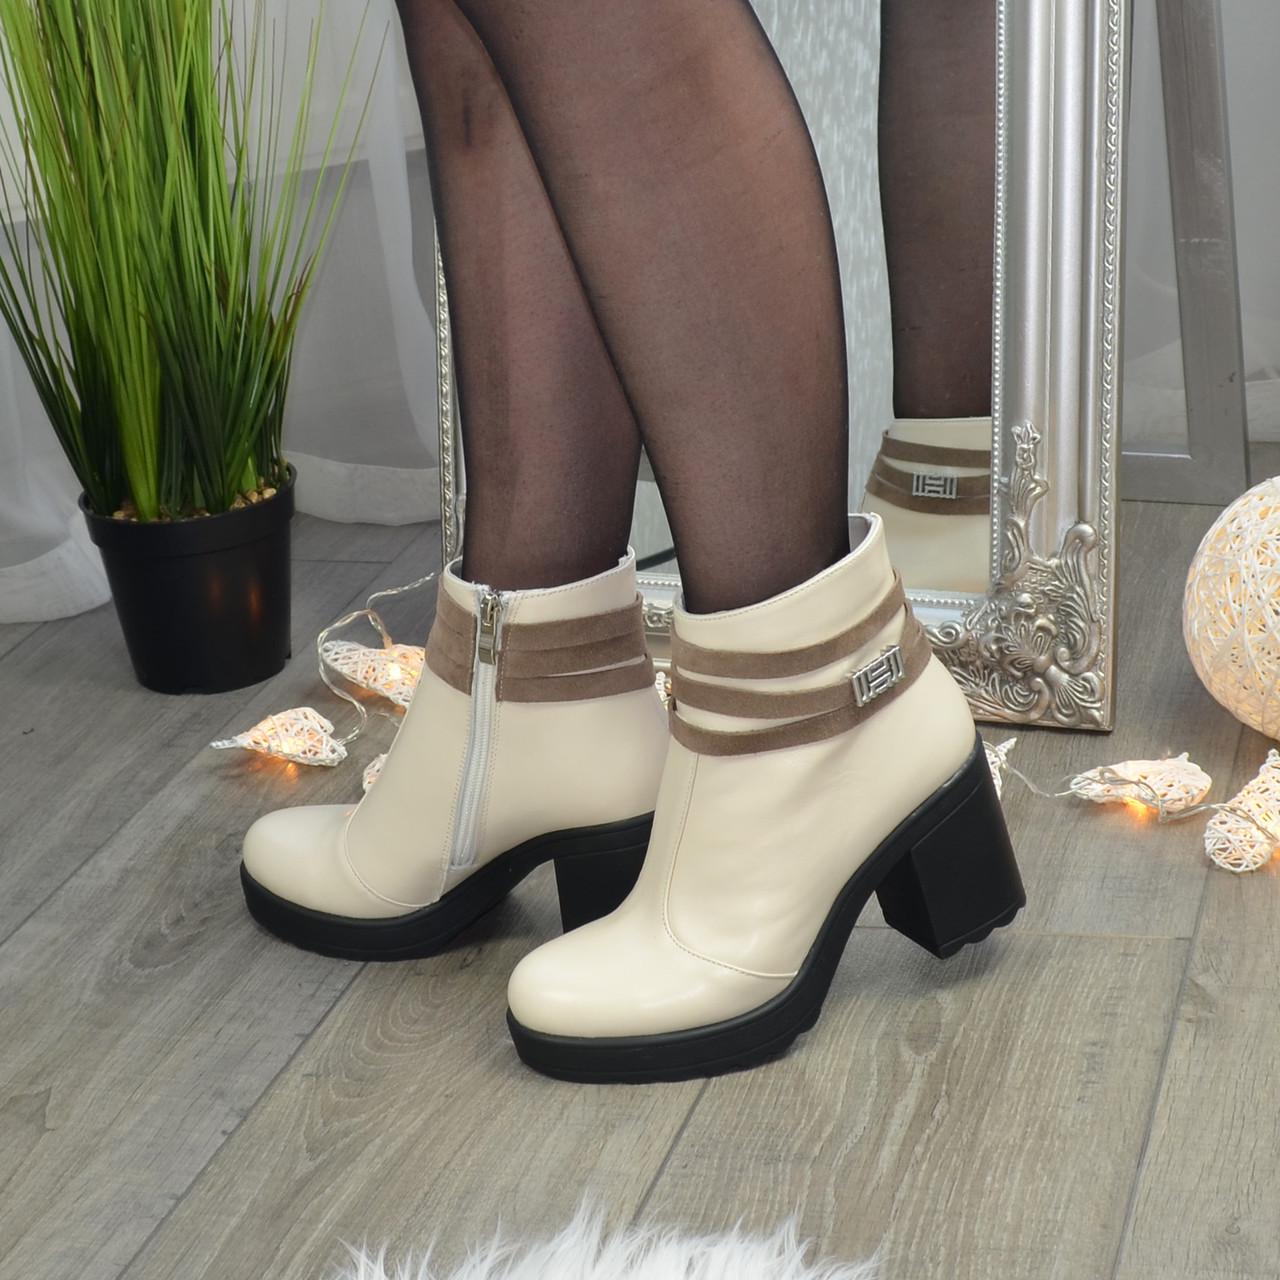 Ботинки демисезонные женские кожаные на устойчивом каблуке. Цвет бежевый